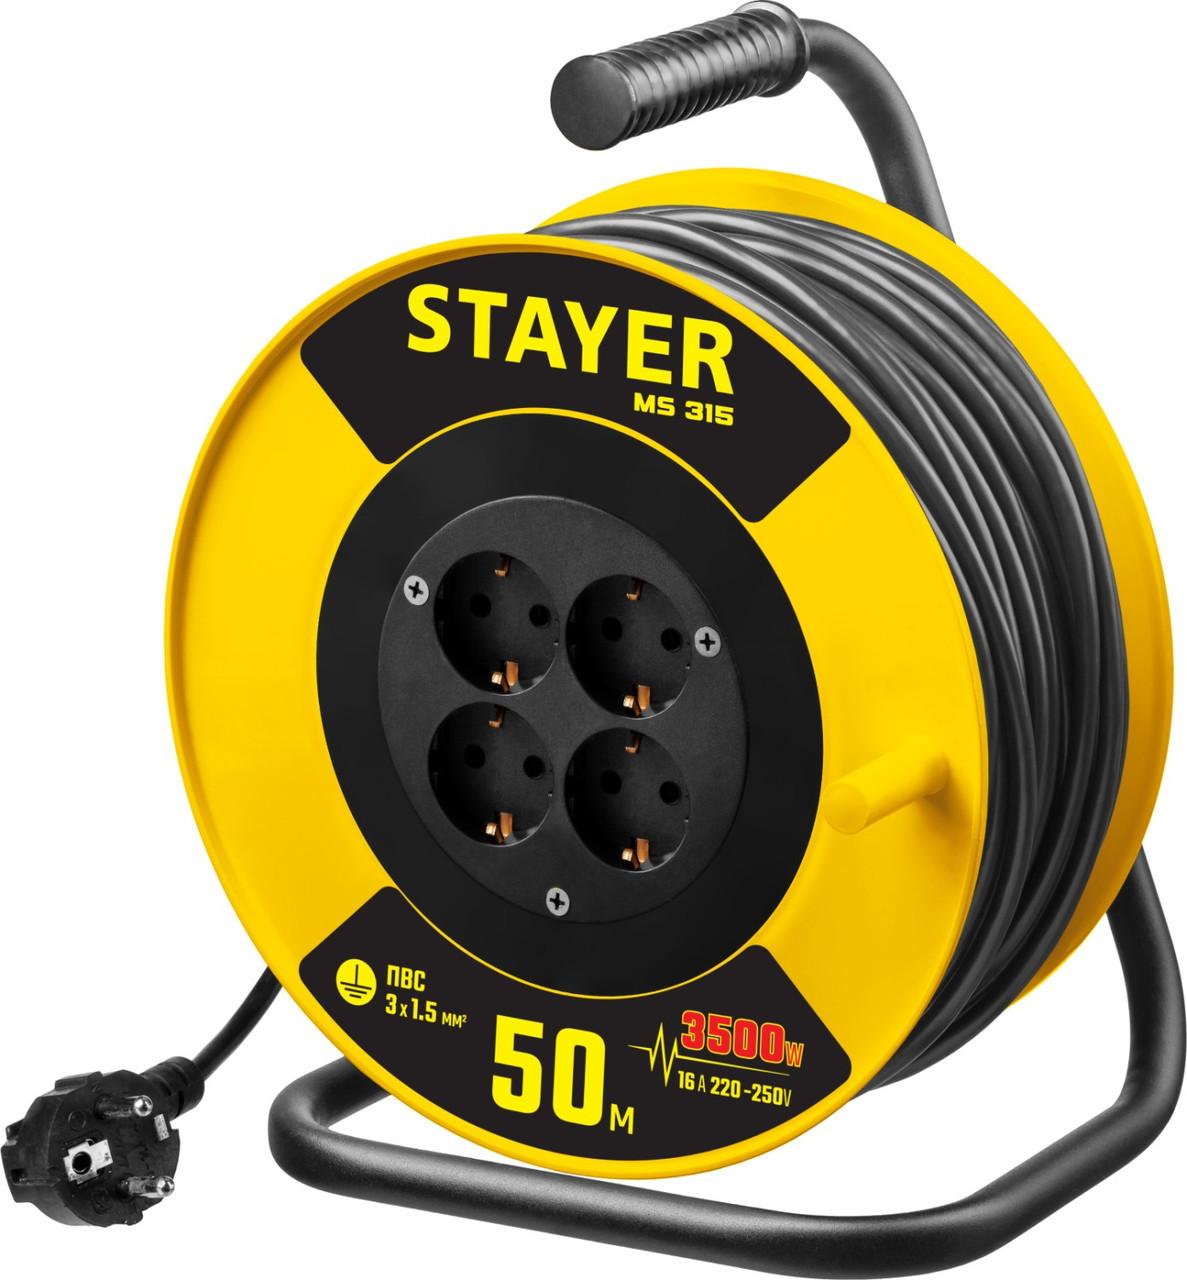 Удлинитель на катушке Stayer, 50 м, 3500 Вт, заземление, 4 гнезда, ПВС 3x1,5 кв мм (55078-50)